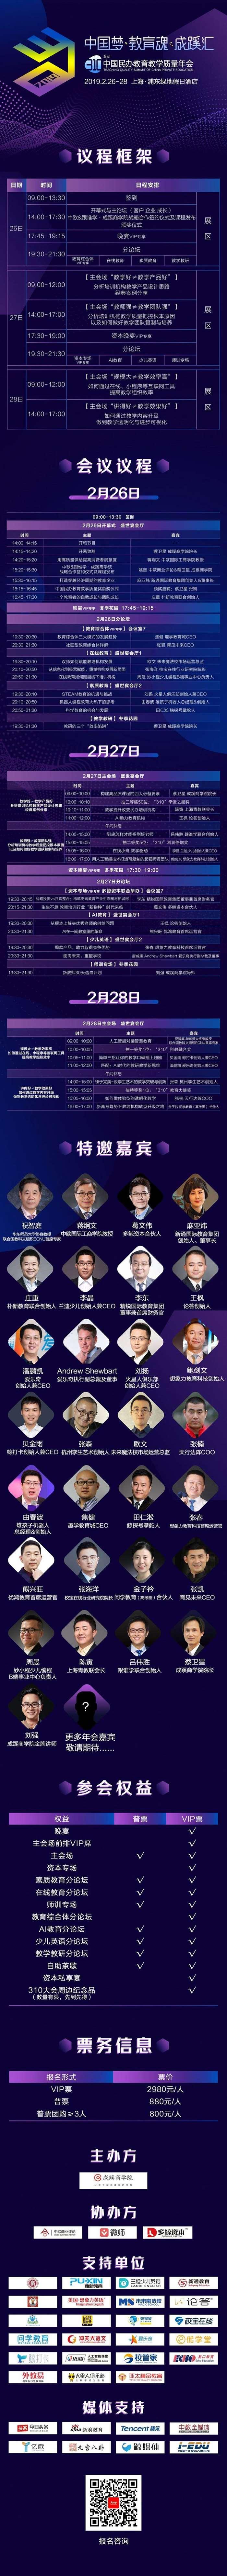 20190222-年会长图.jpg